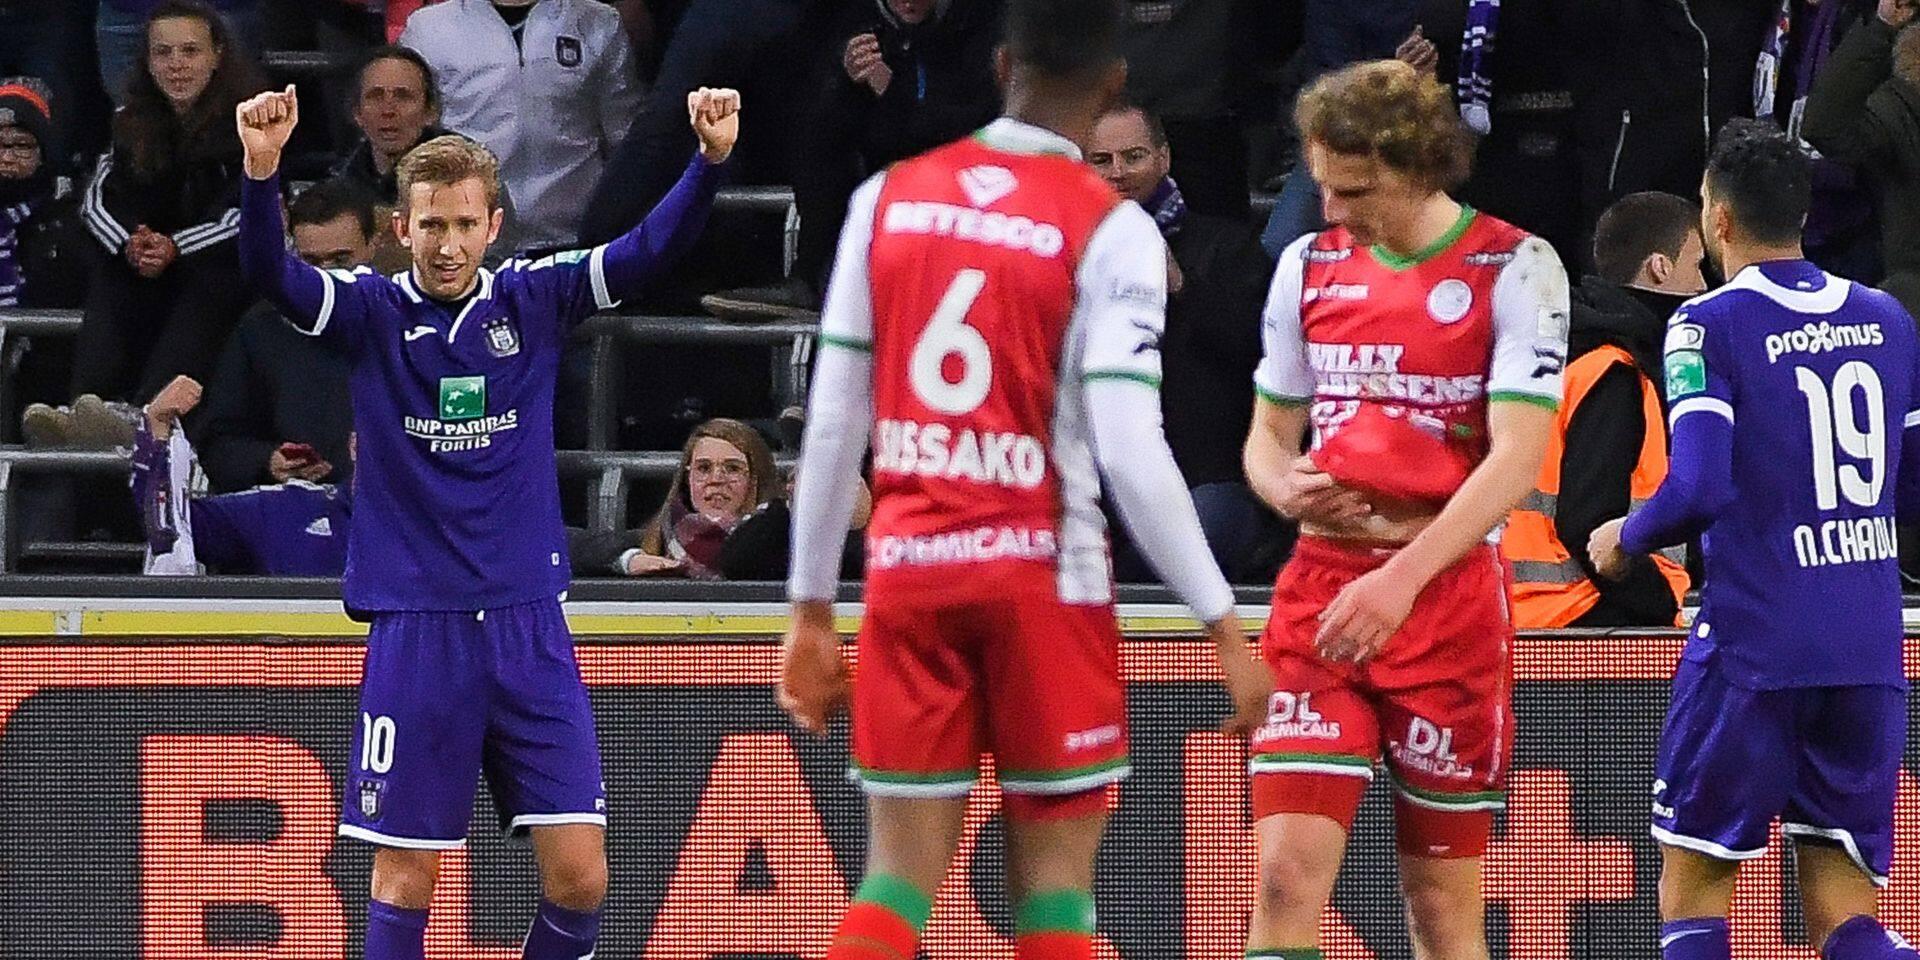 Officiel: la dernière journée de Pro League à huis clos, la finale de la Coupe de Belgique reportée